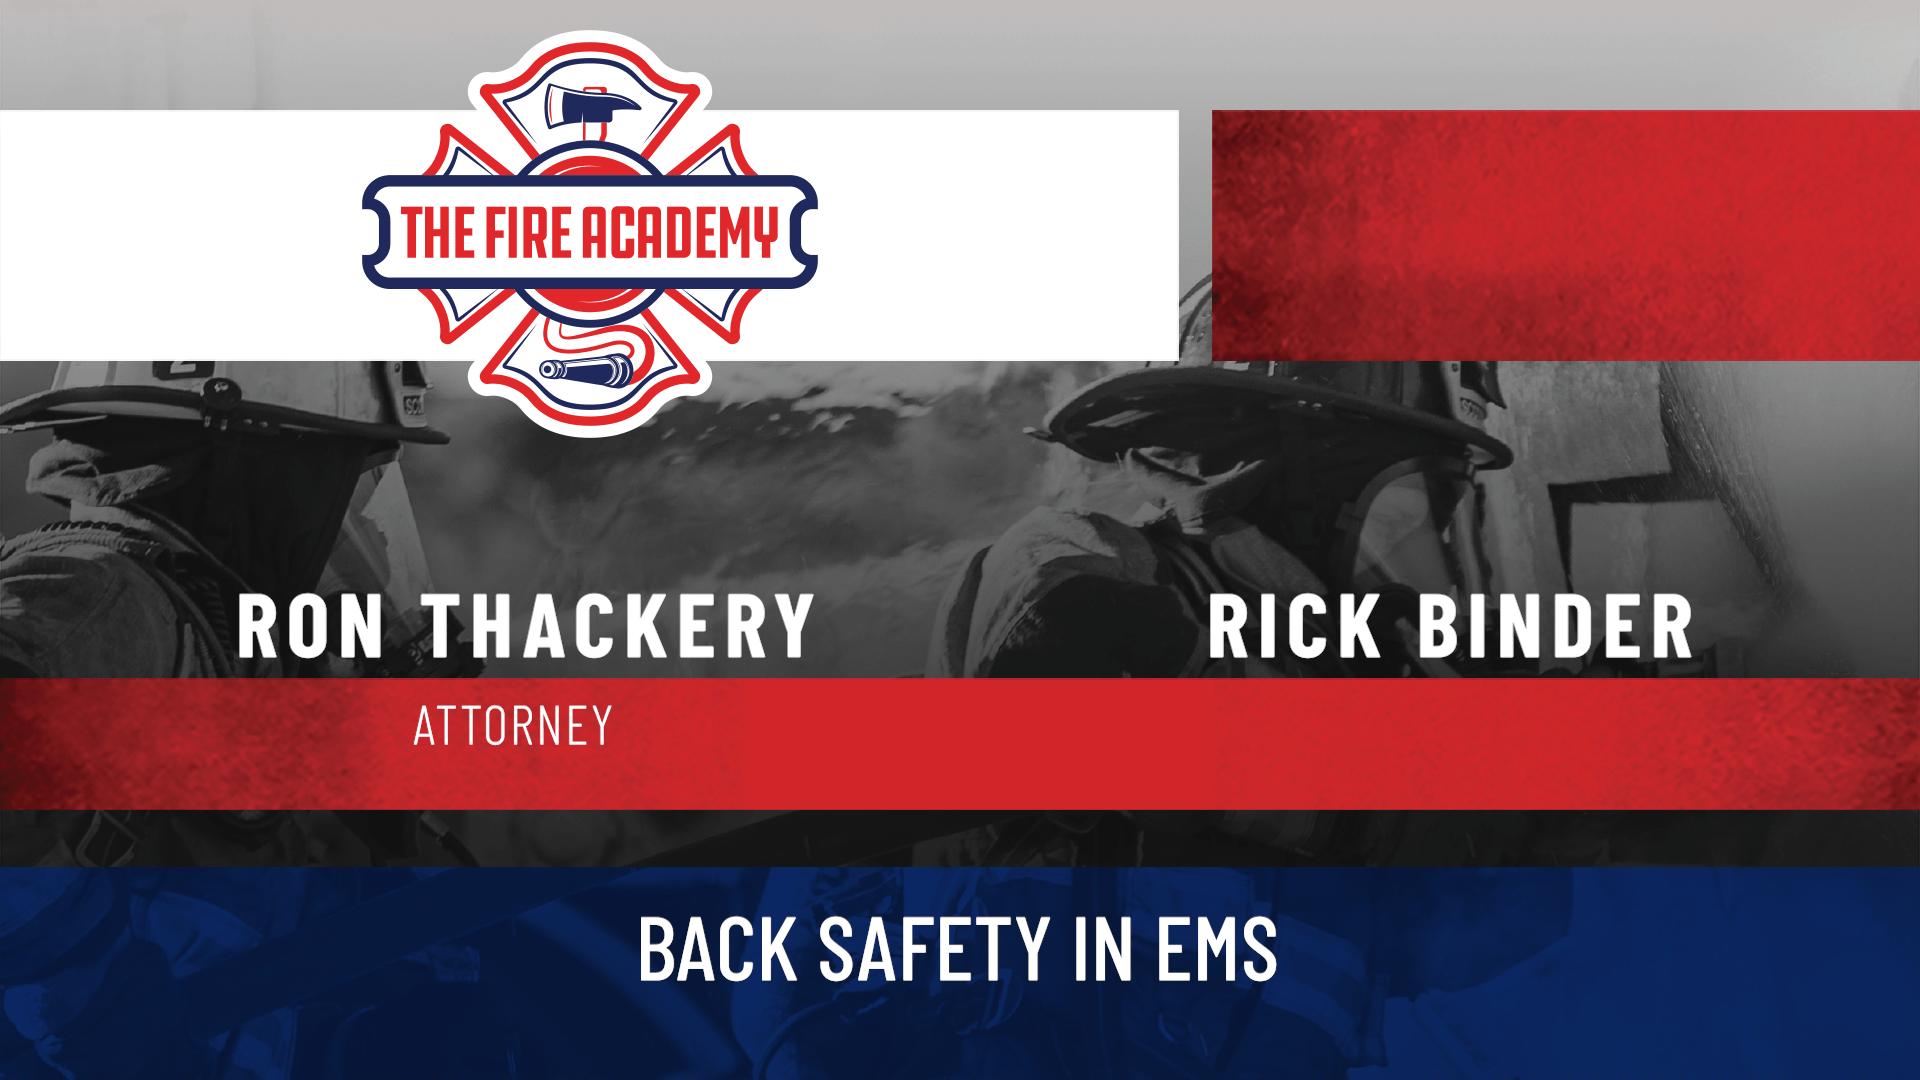 Back Safety in EMS